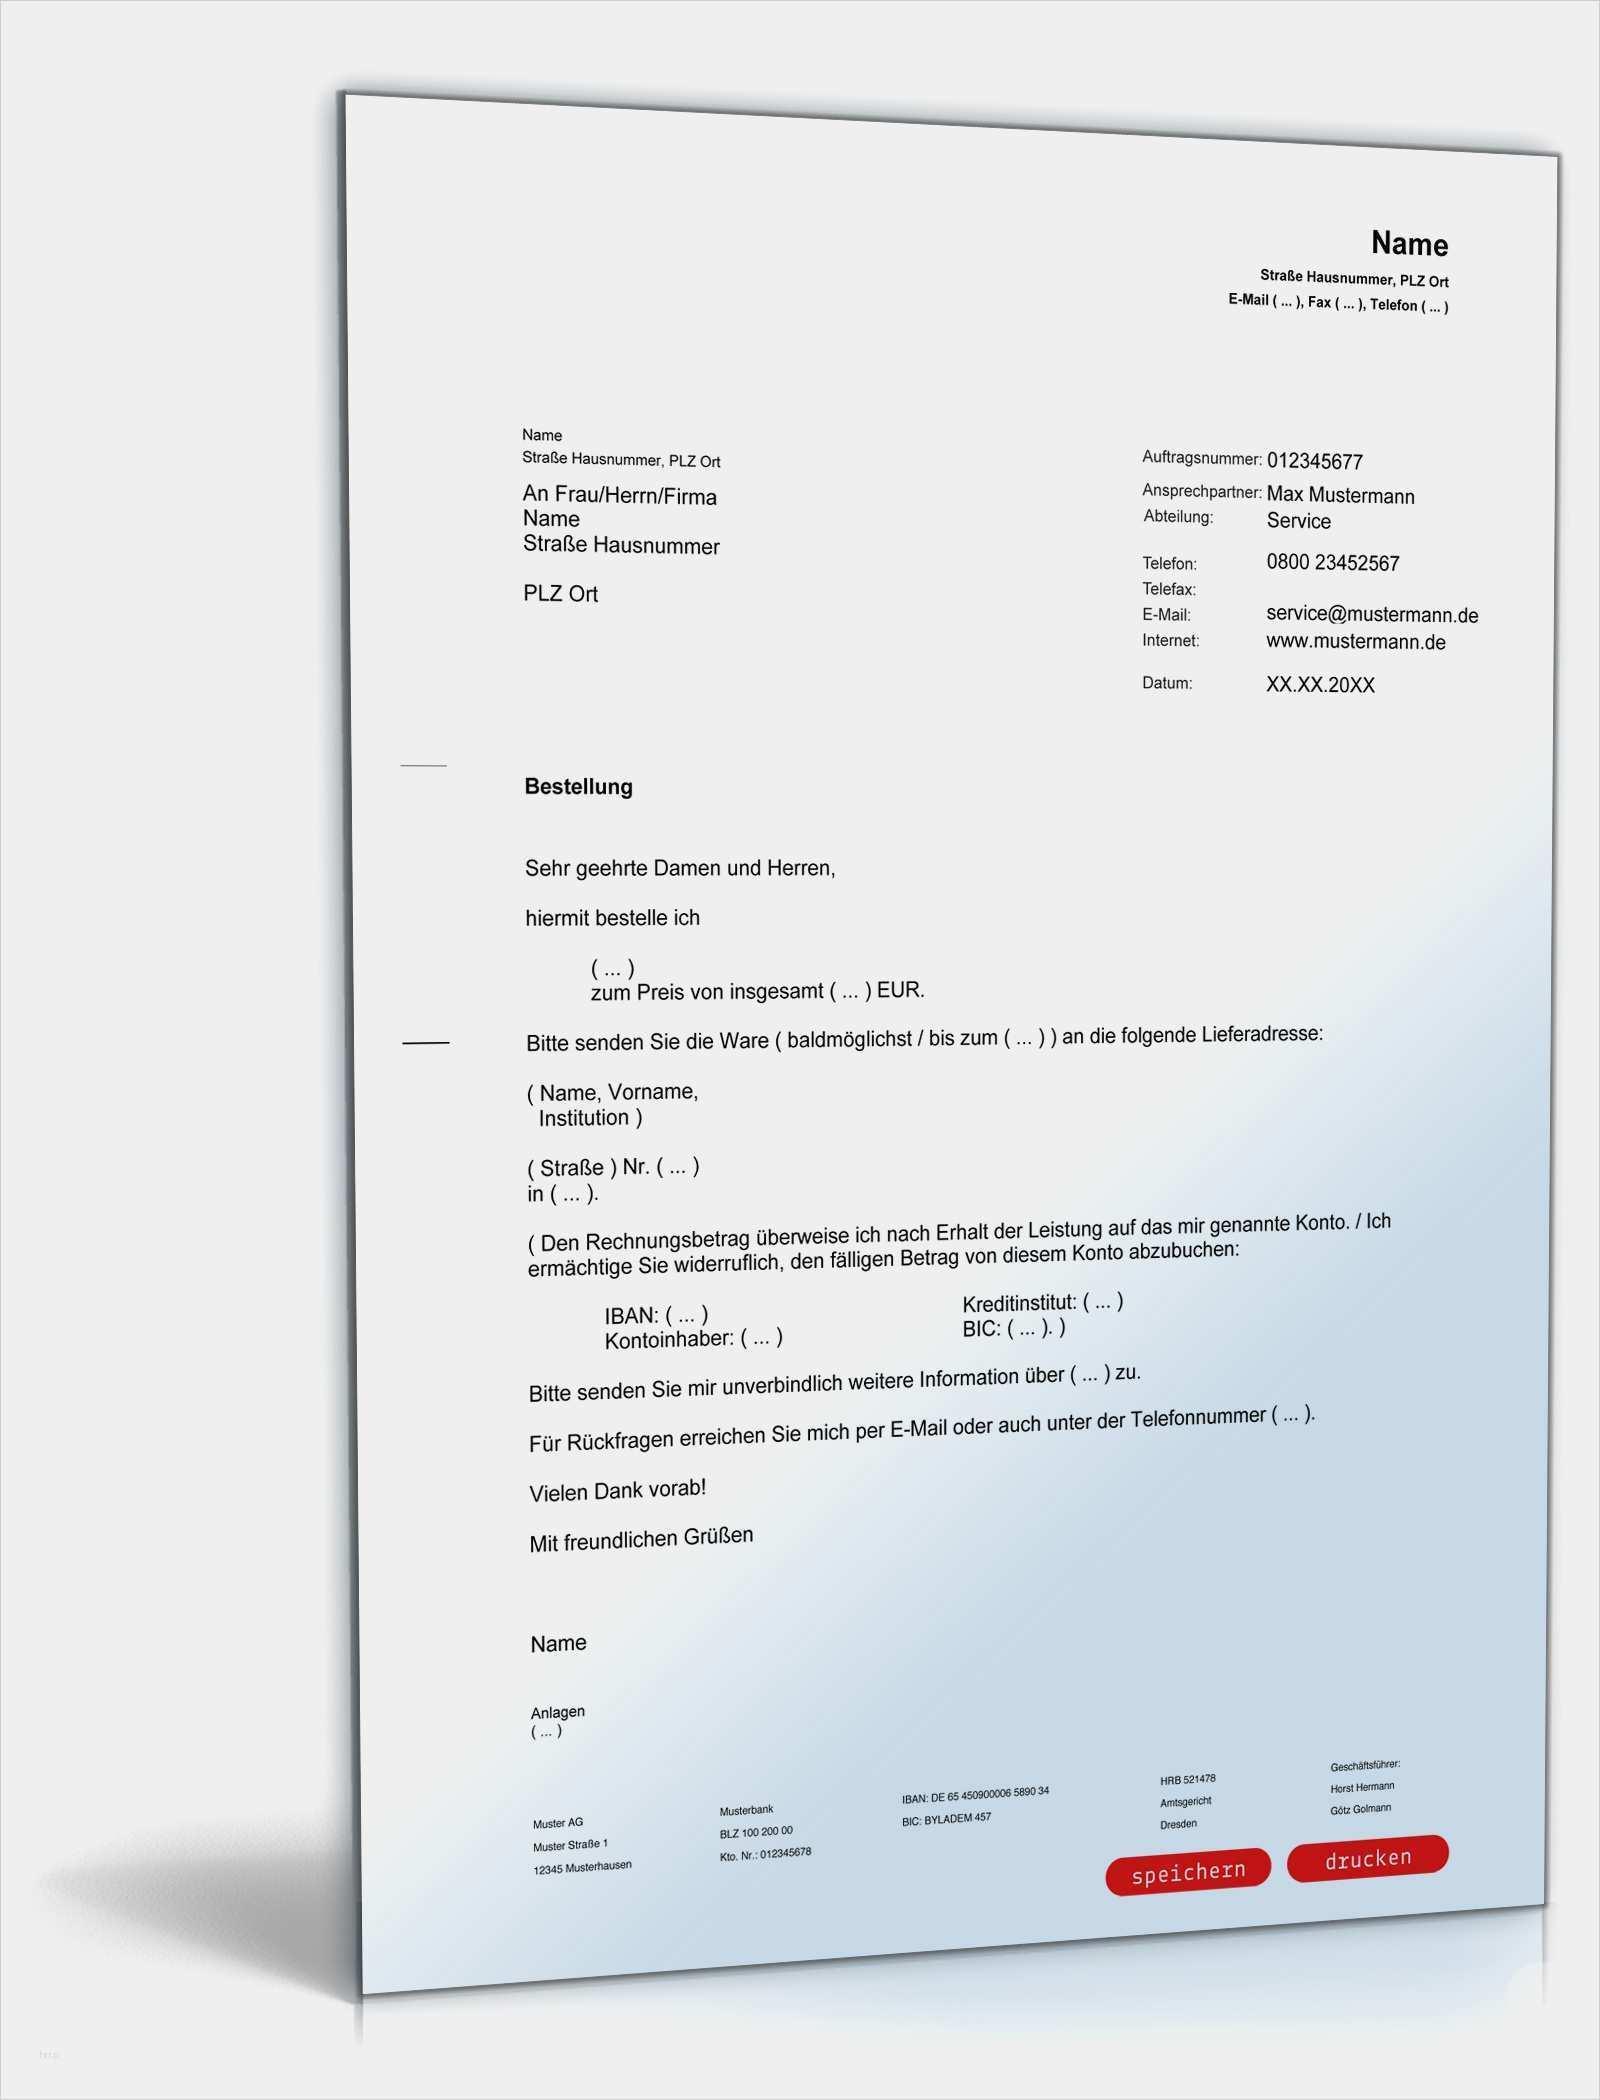 10 Suss Bestellung Hygienebeauftragter Vorlage Galerie Indesign Vorlage Geschenkgutschein Vorlage Vorlagen